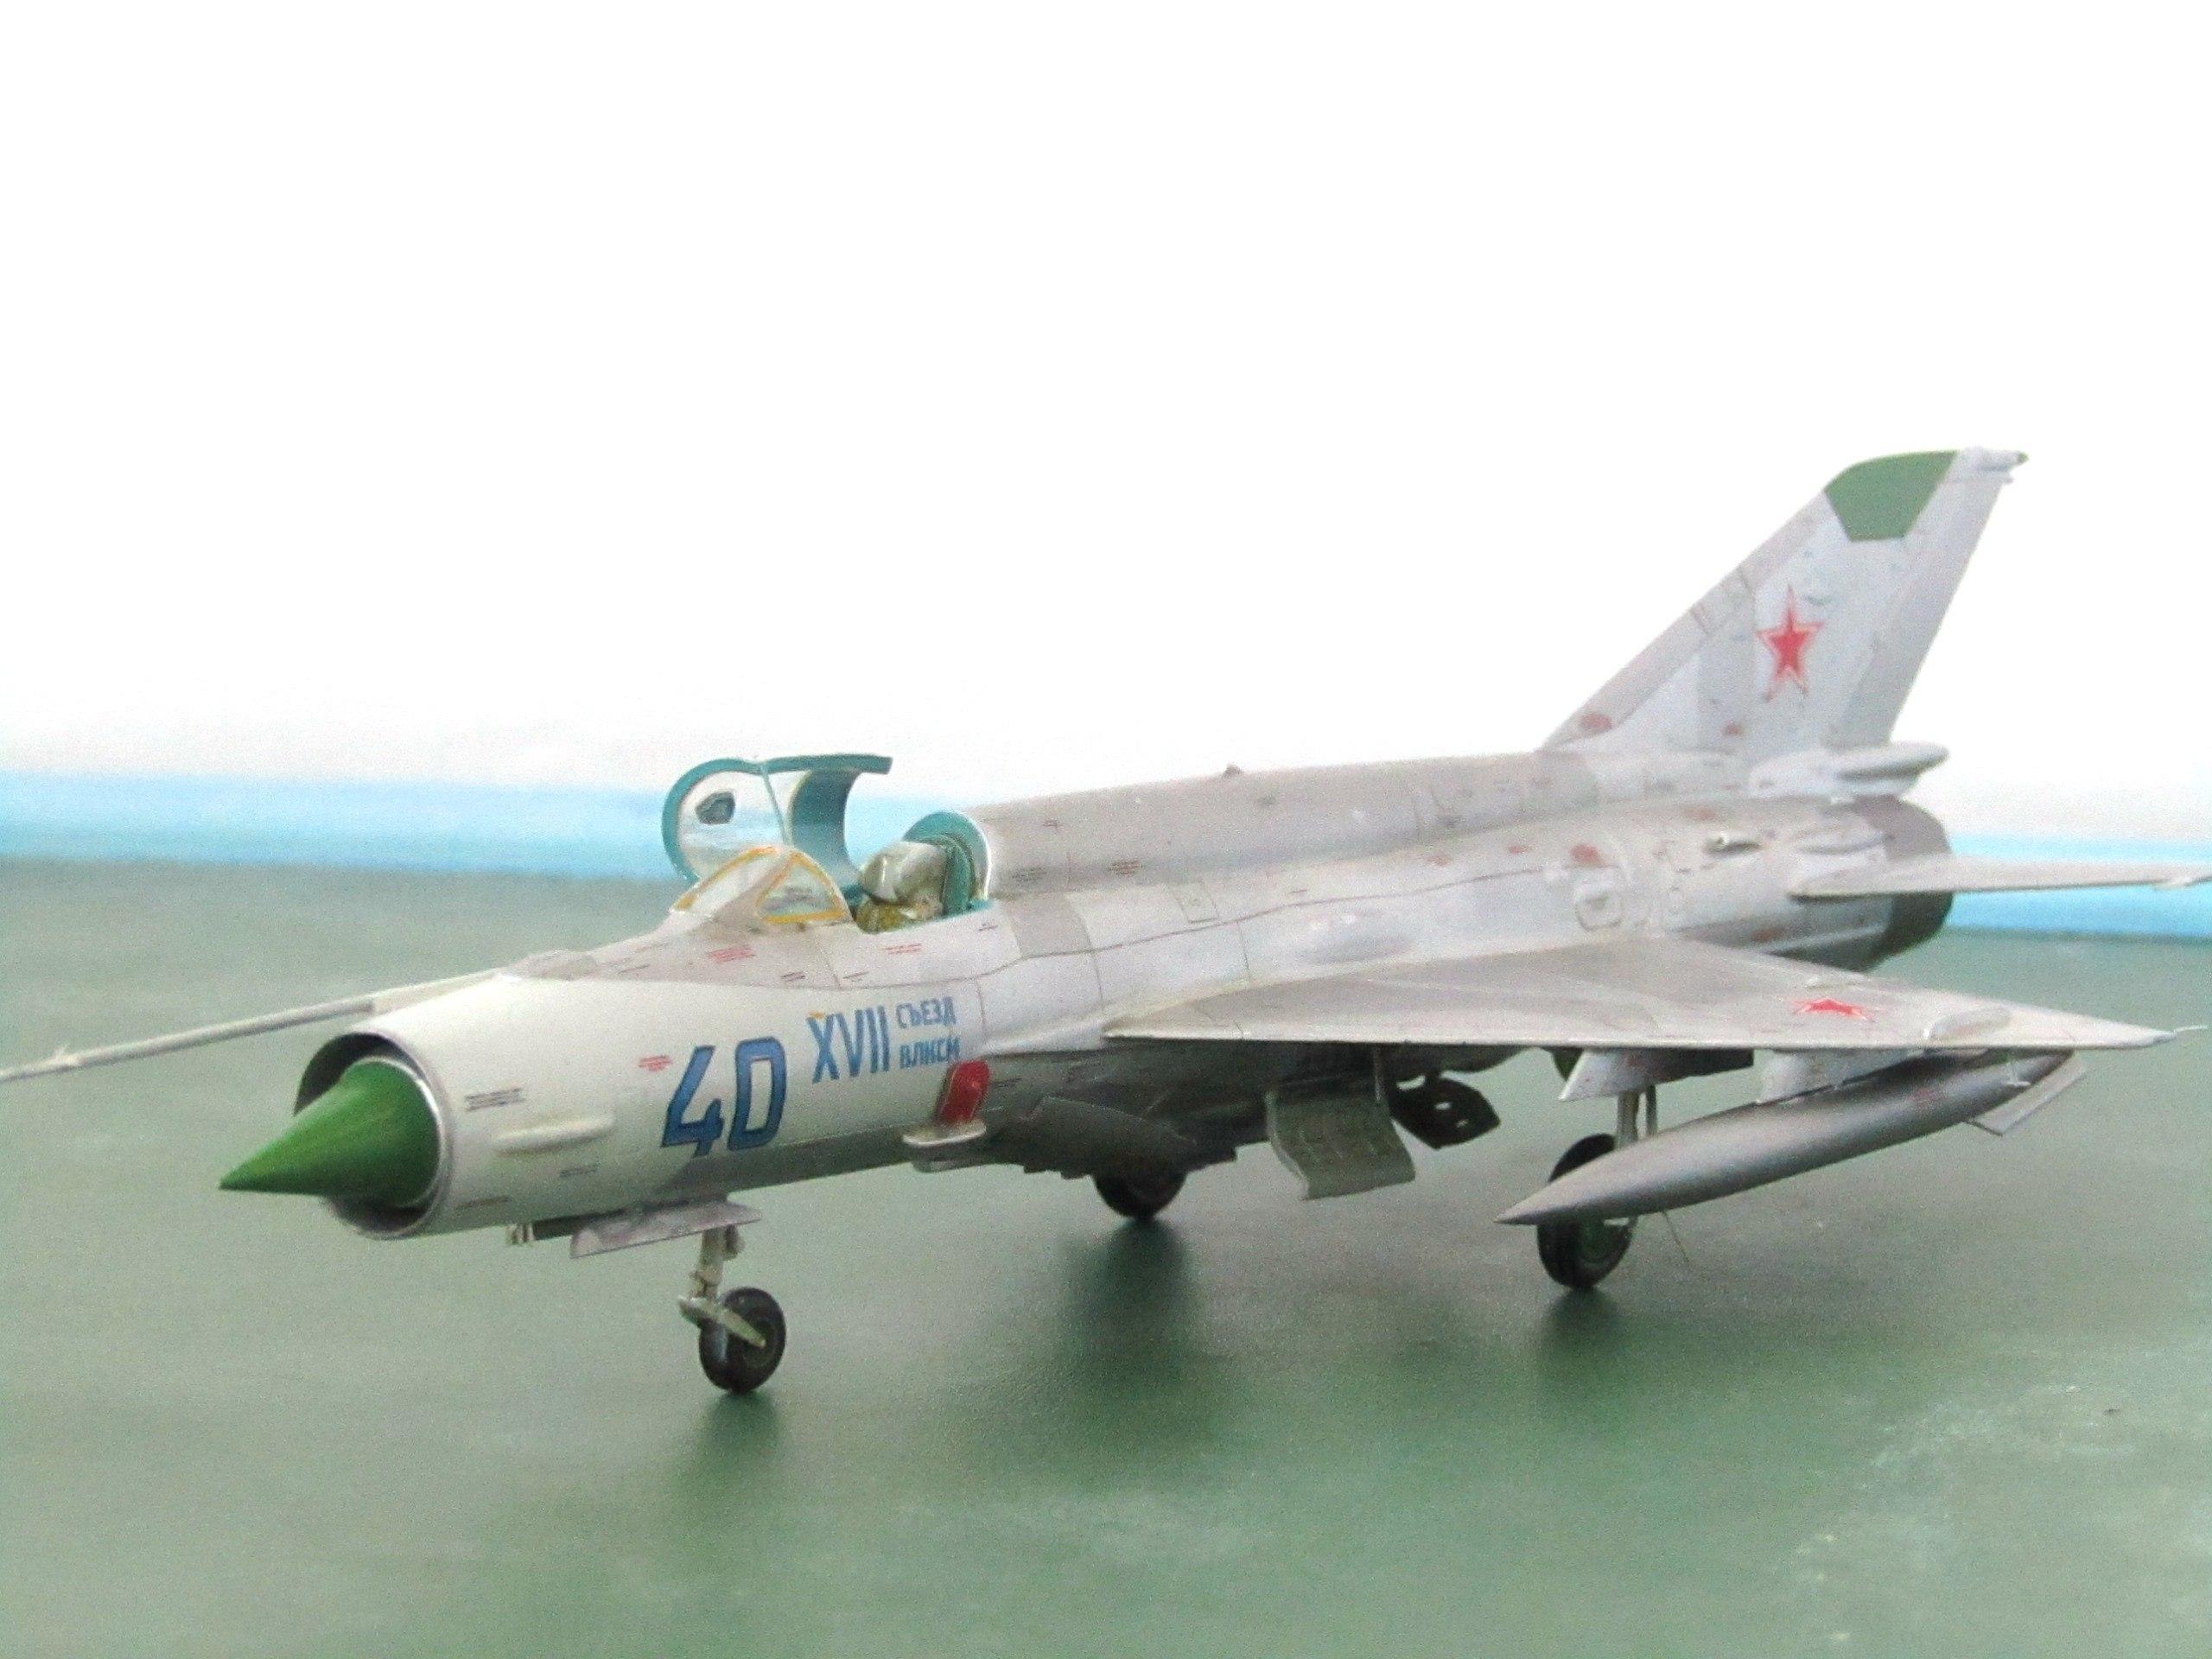 МиГ-21БИС 1/72 (Звезда) MdcXC7s1lqg